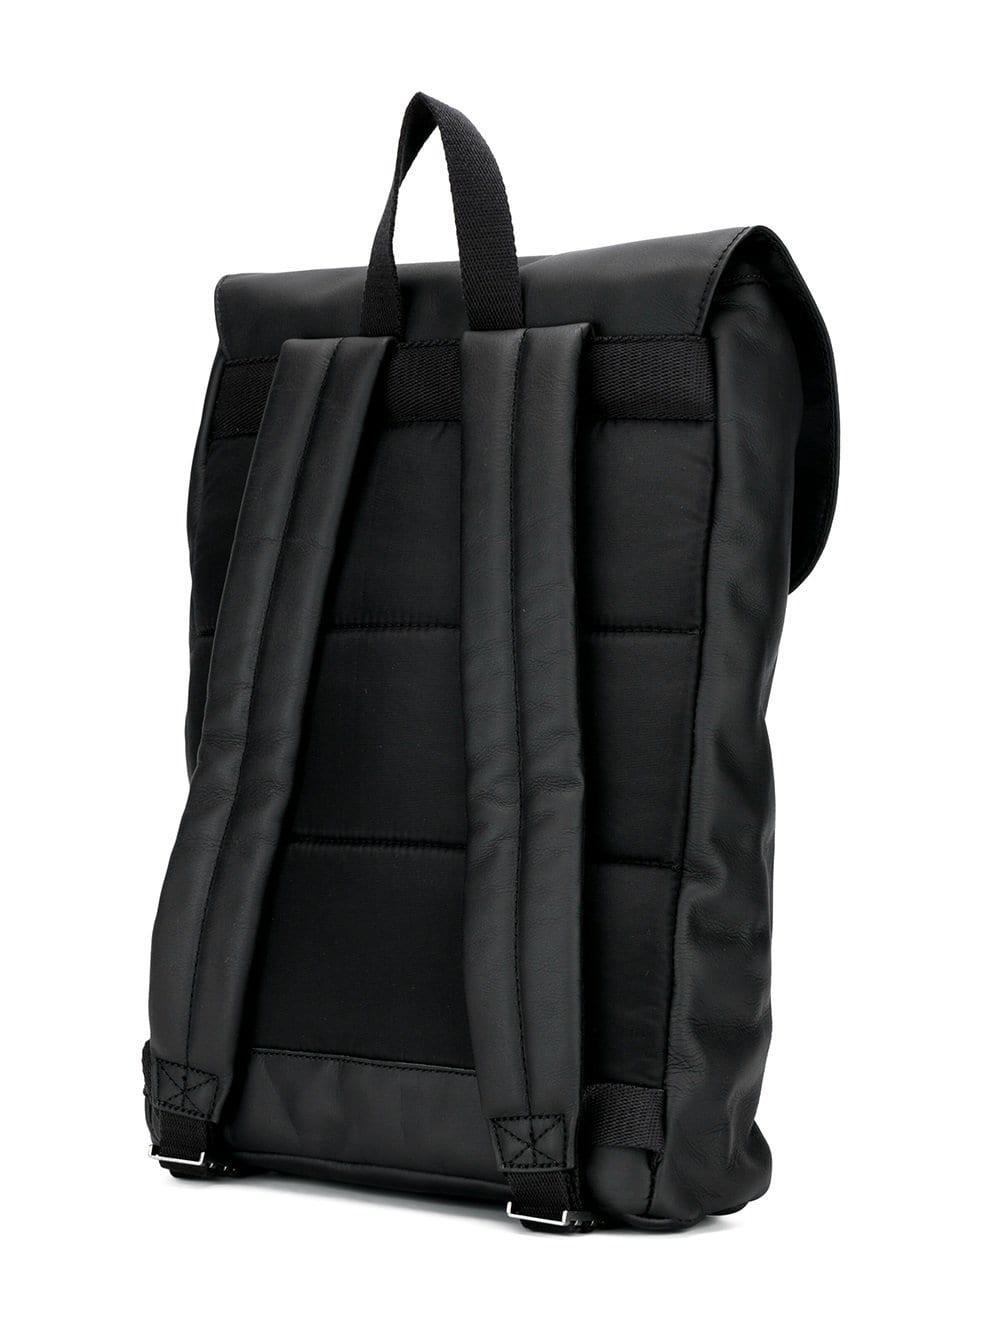 Eastpak Ciera Backpack in Black for Men - Lyst 7d66aff8e2314